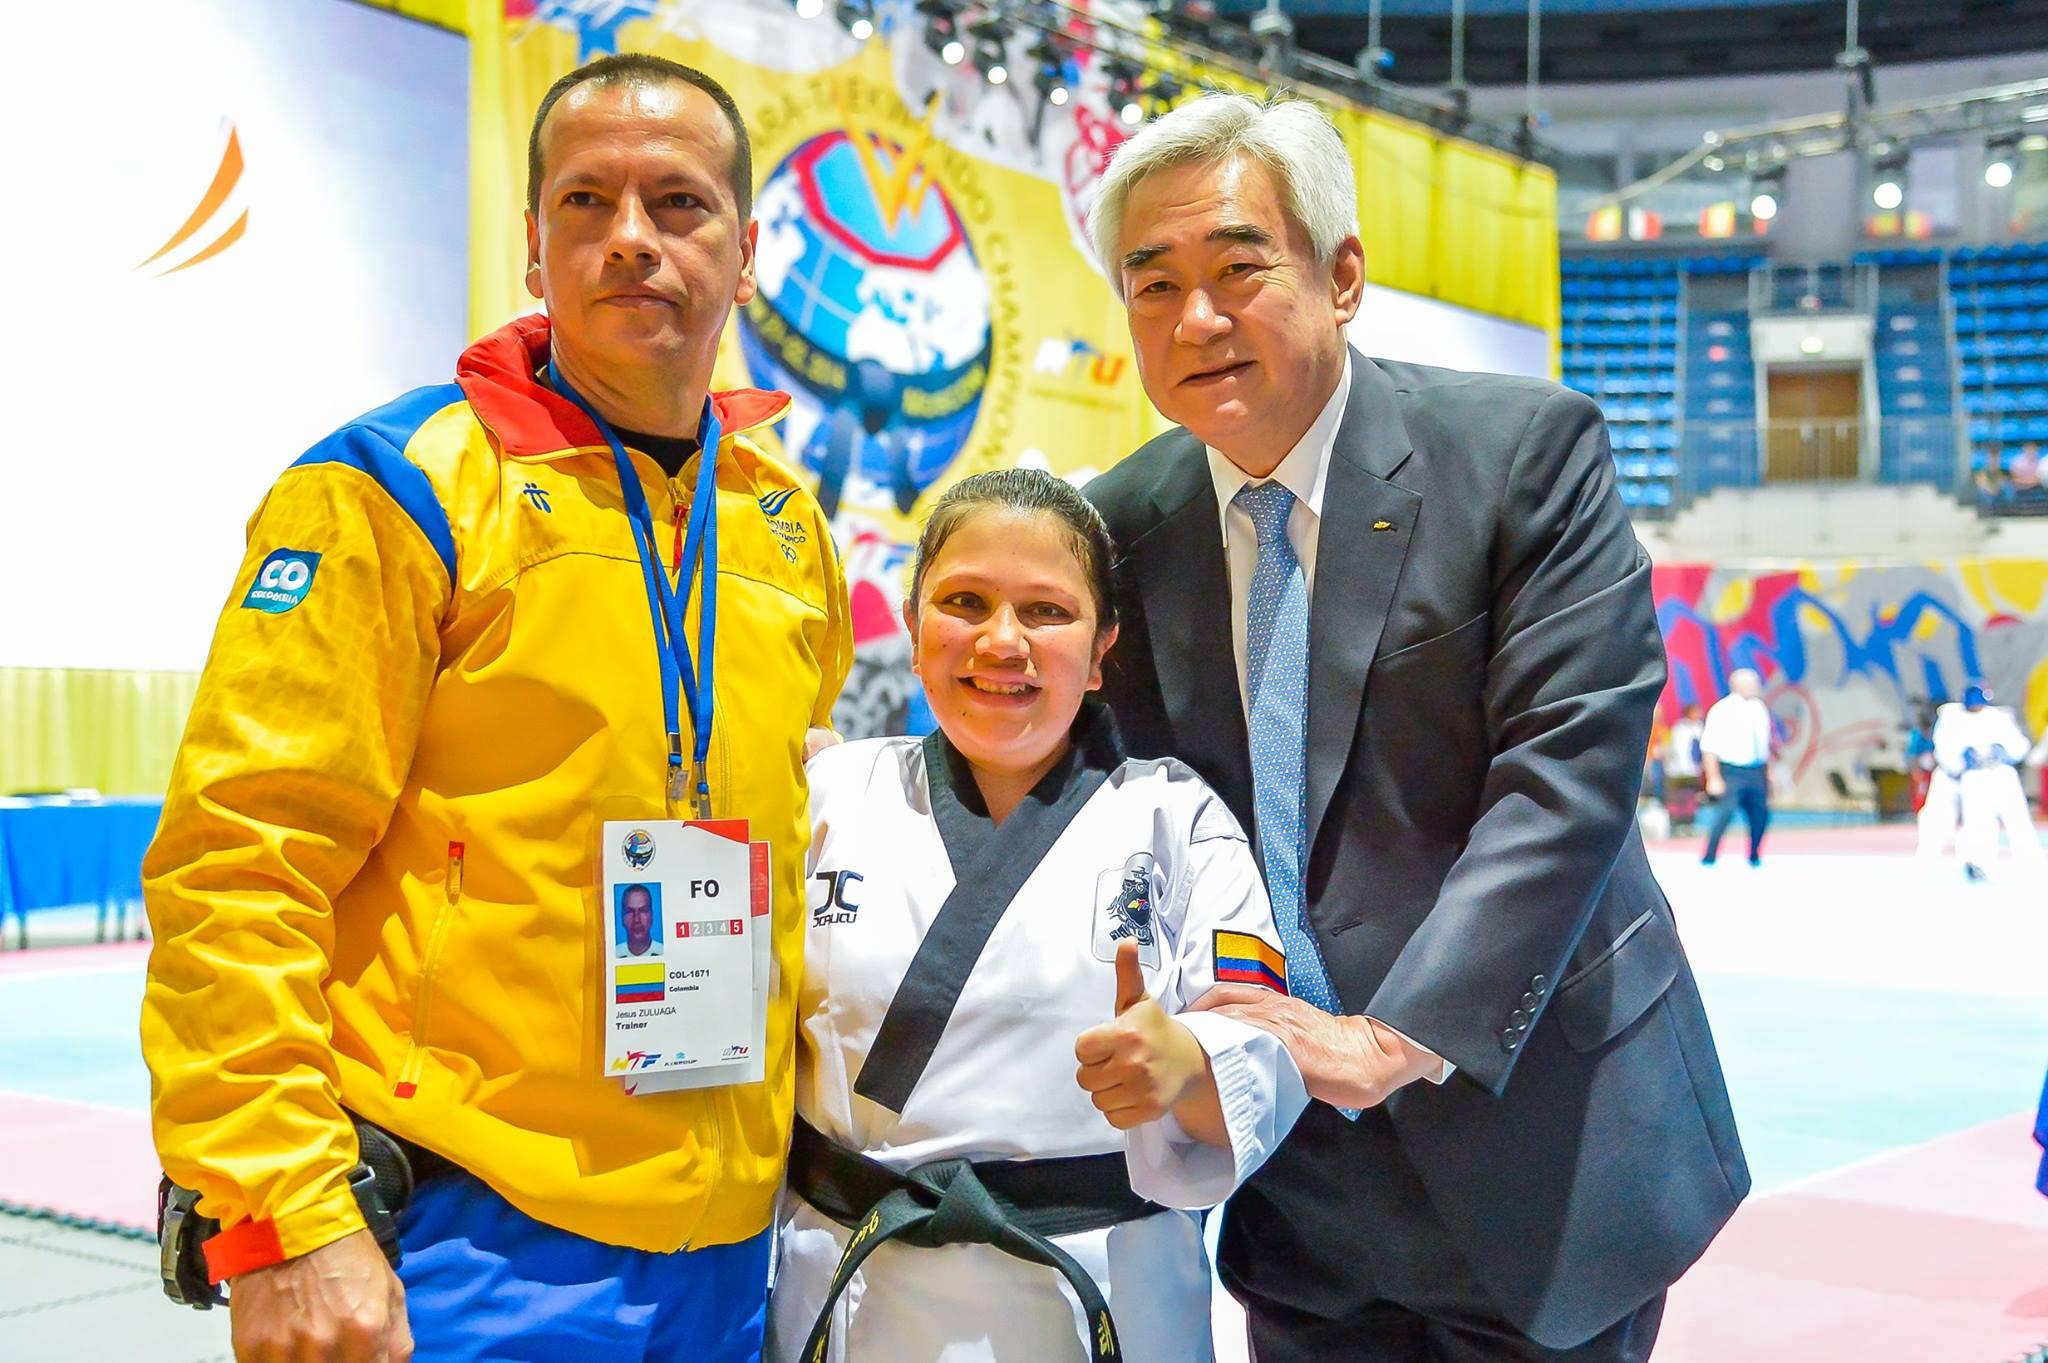 El presidente de la World Taekwondo Federation el Dr. Chungwon Choue (der.) en el Campeonato Mundial de Para-Taekwondo (Moscú). Fuente: AD